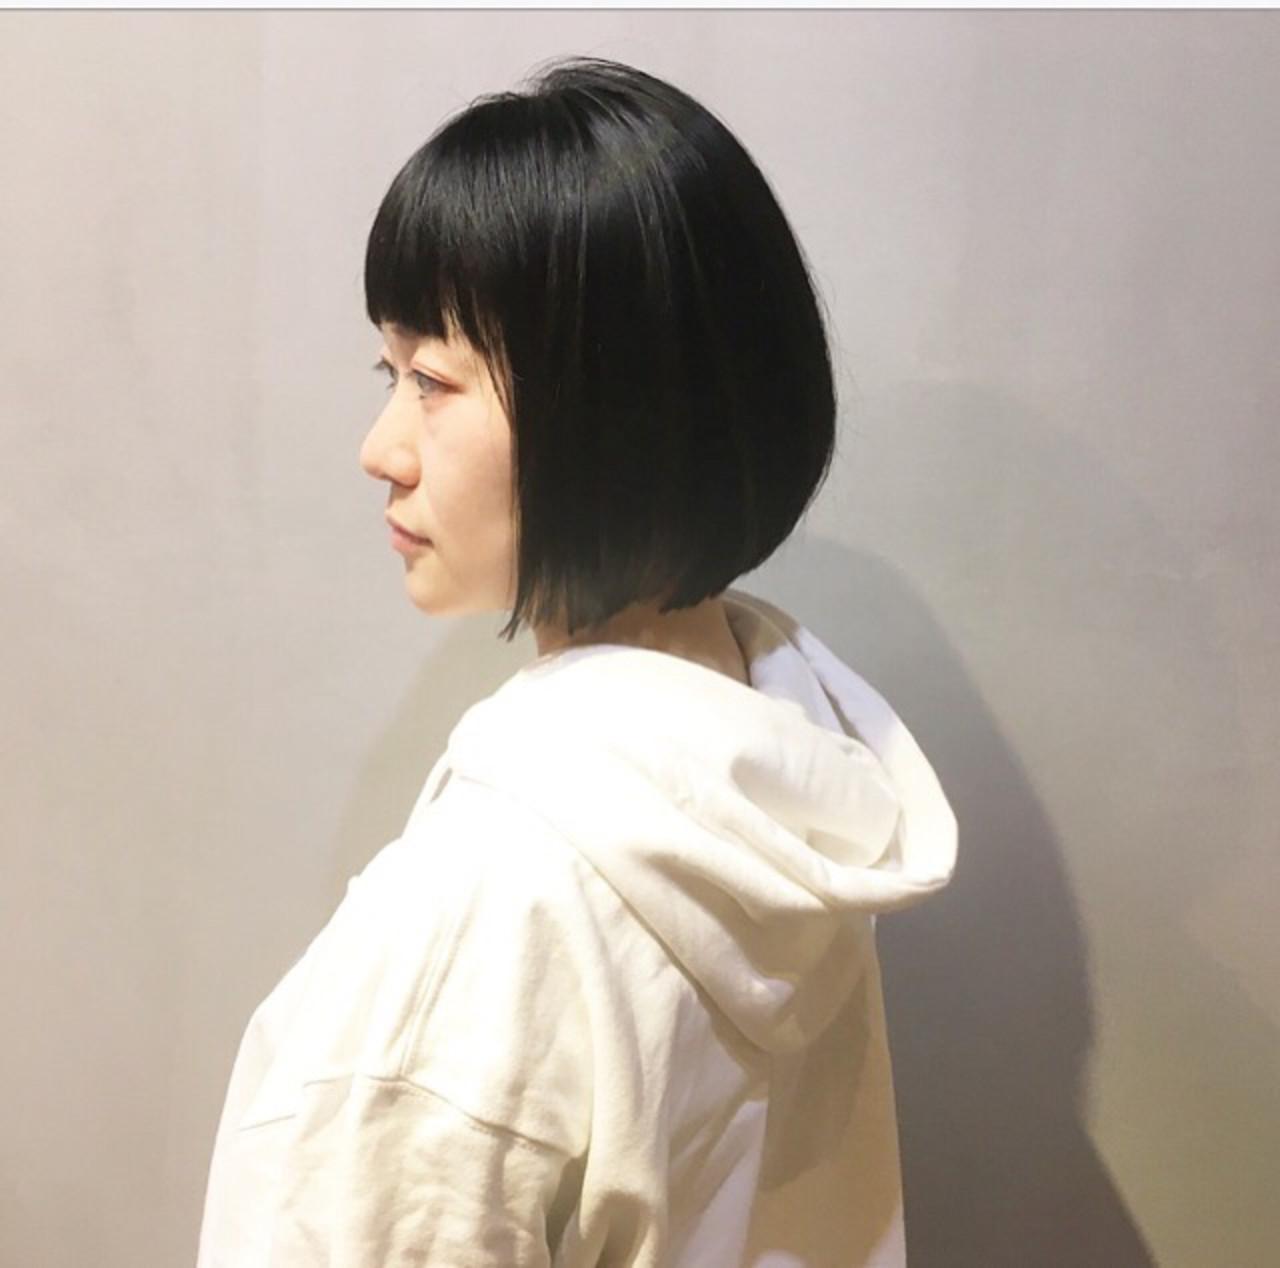 ショートボブ ボブ ナチュラル ミニボブ ヘアスタイルや髪型の写真・画像 | COM PASS 太一 / COM PASS